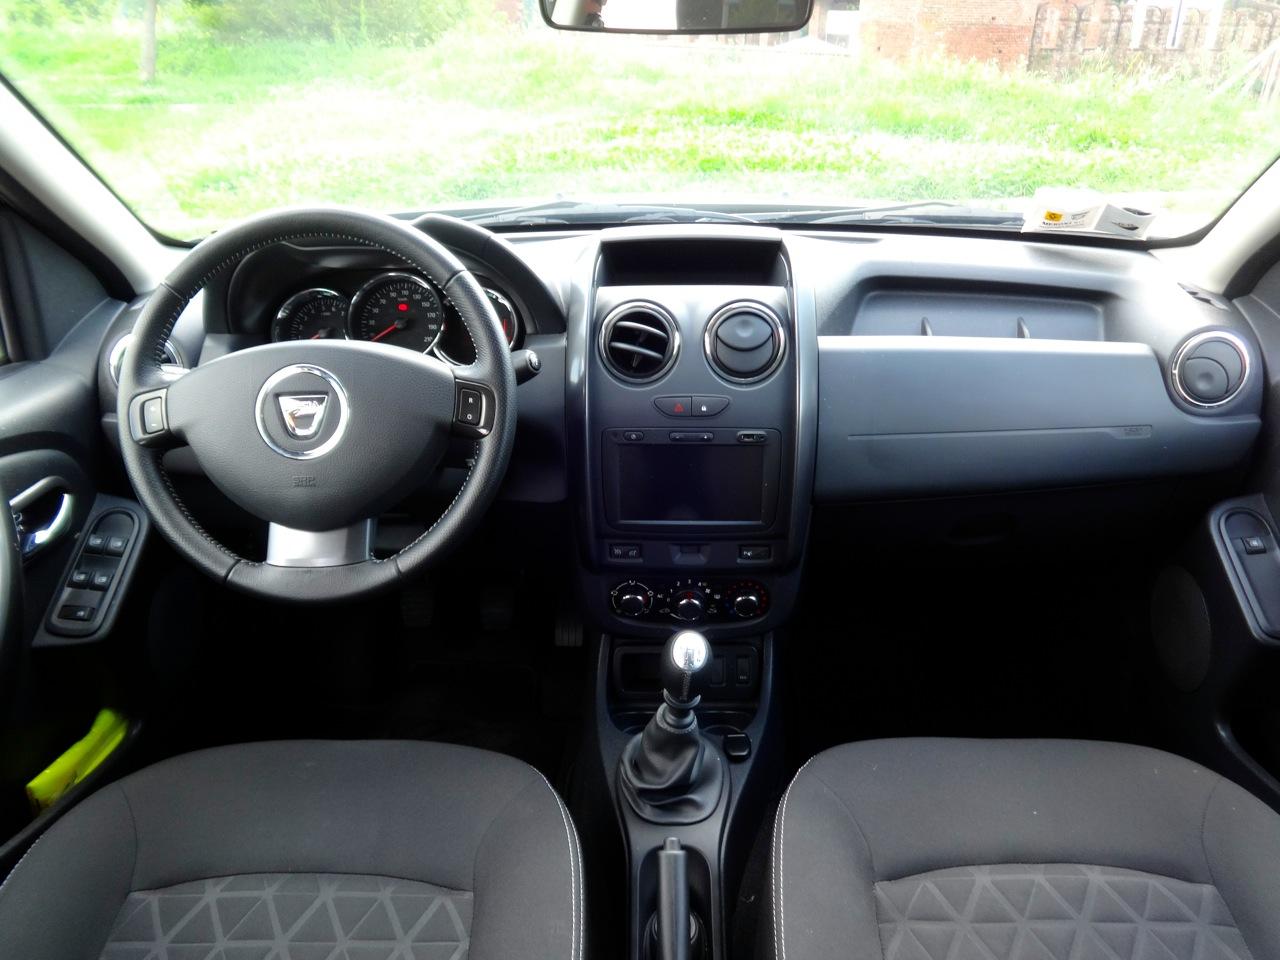 Dacia duster my 2014 prova su strada 34 39 for Prova su strada dacia duster 4x4